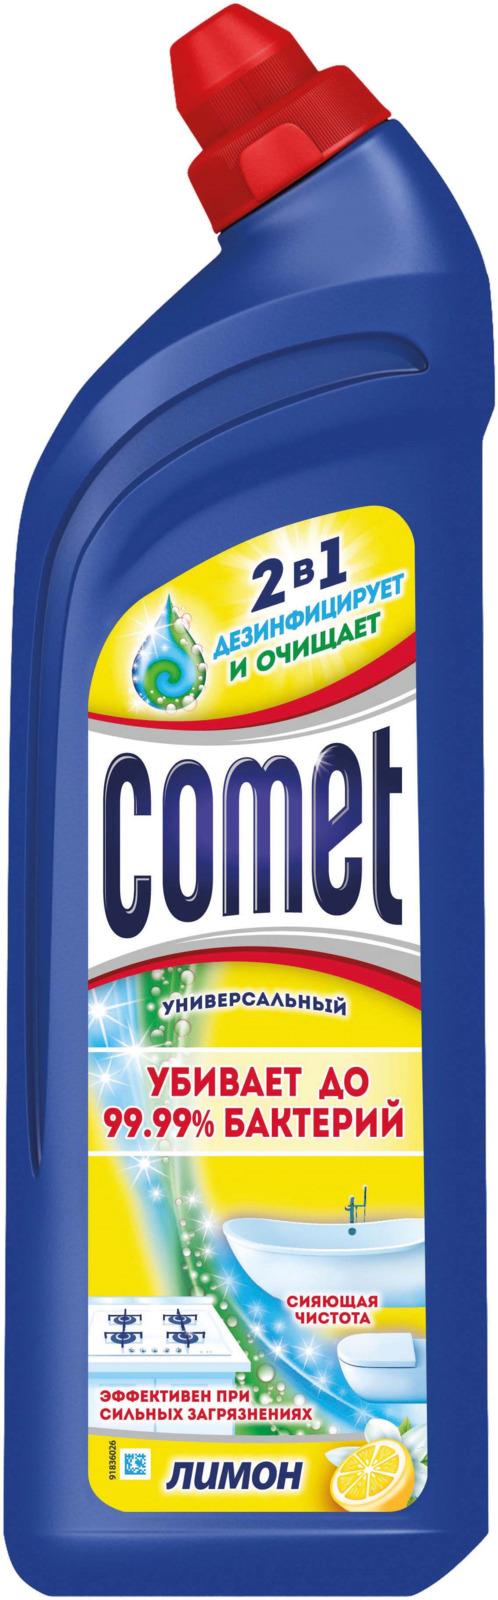 Универсальный чистящий гель Comet Двойной эффект, с ароматом лимона, 1 л comet чистящий гель лимон 500мл